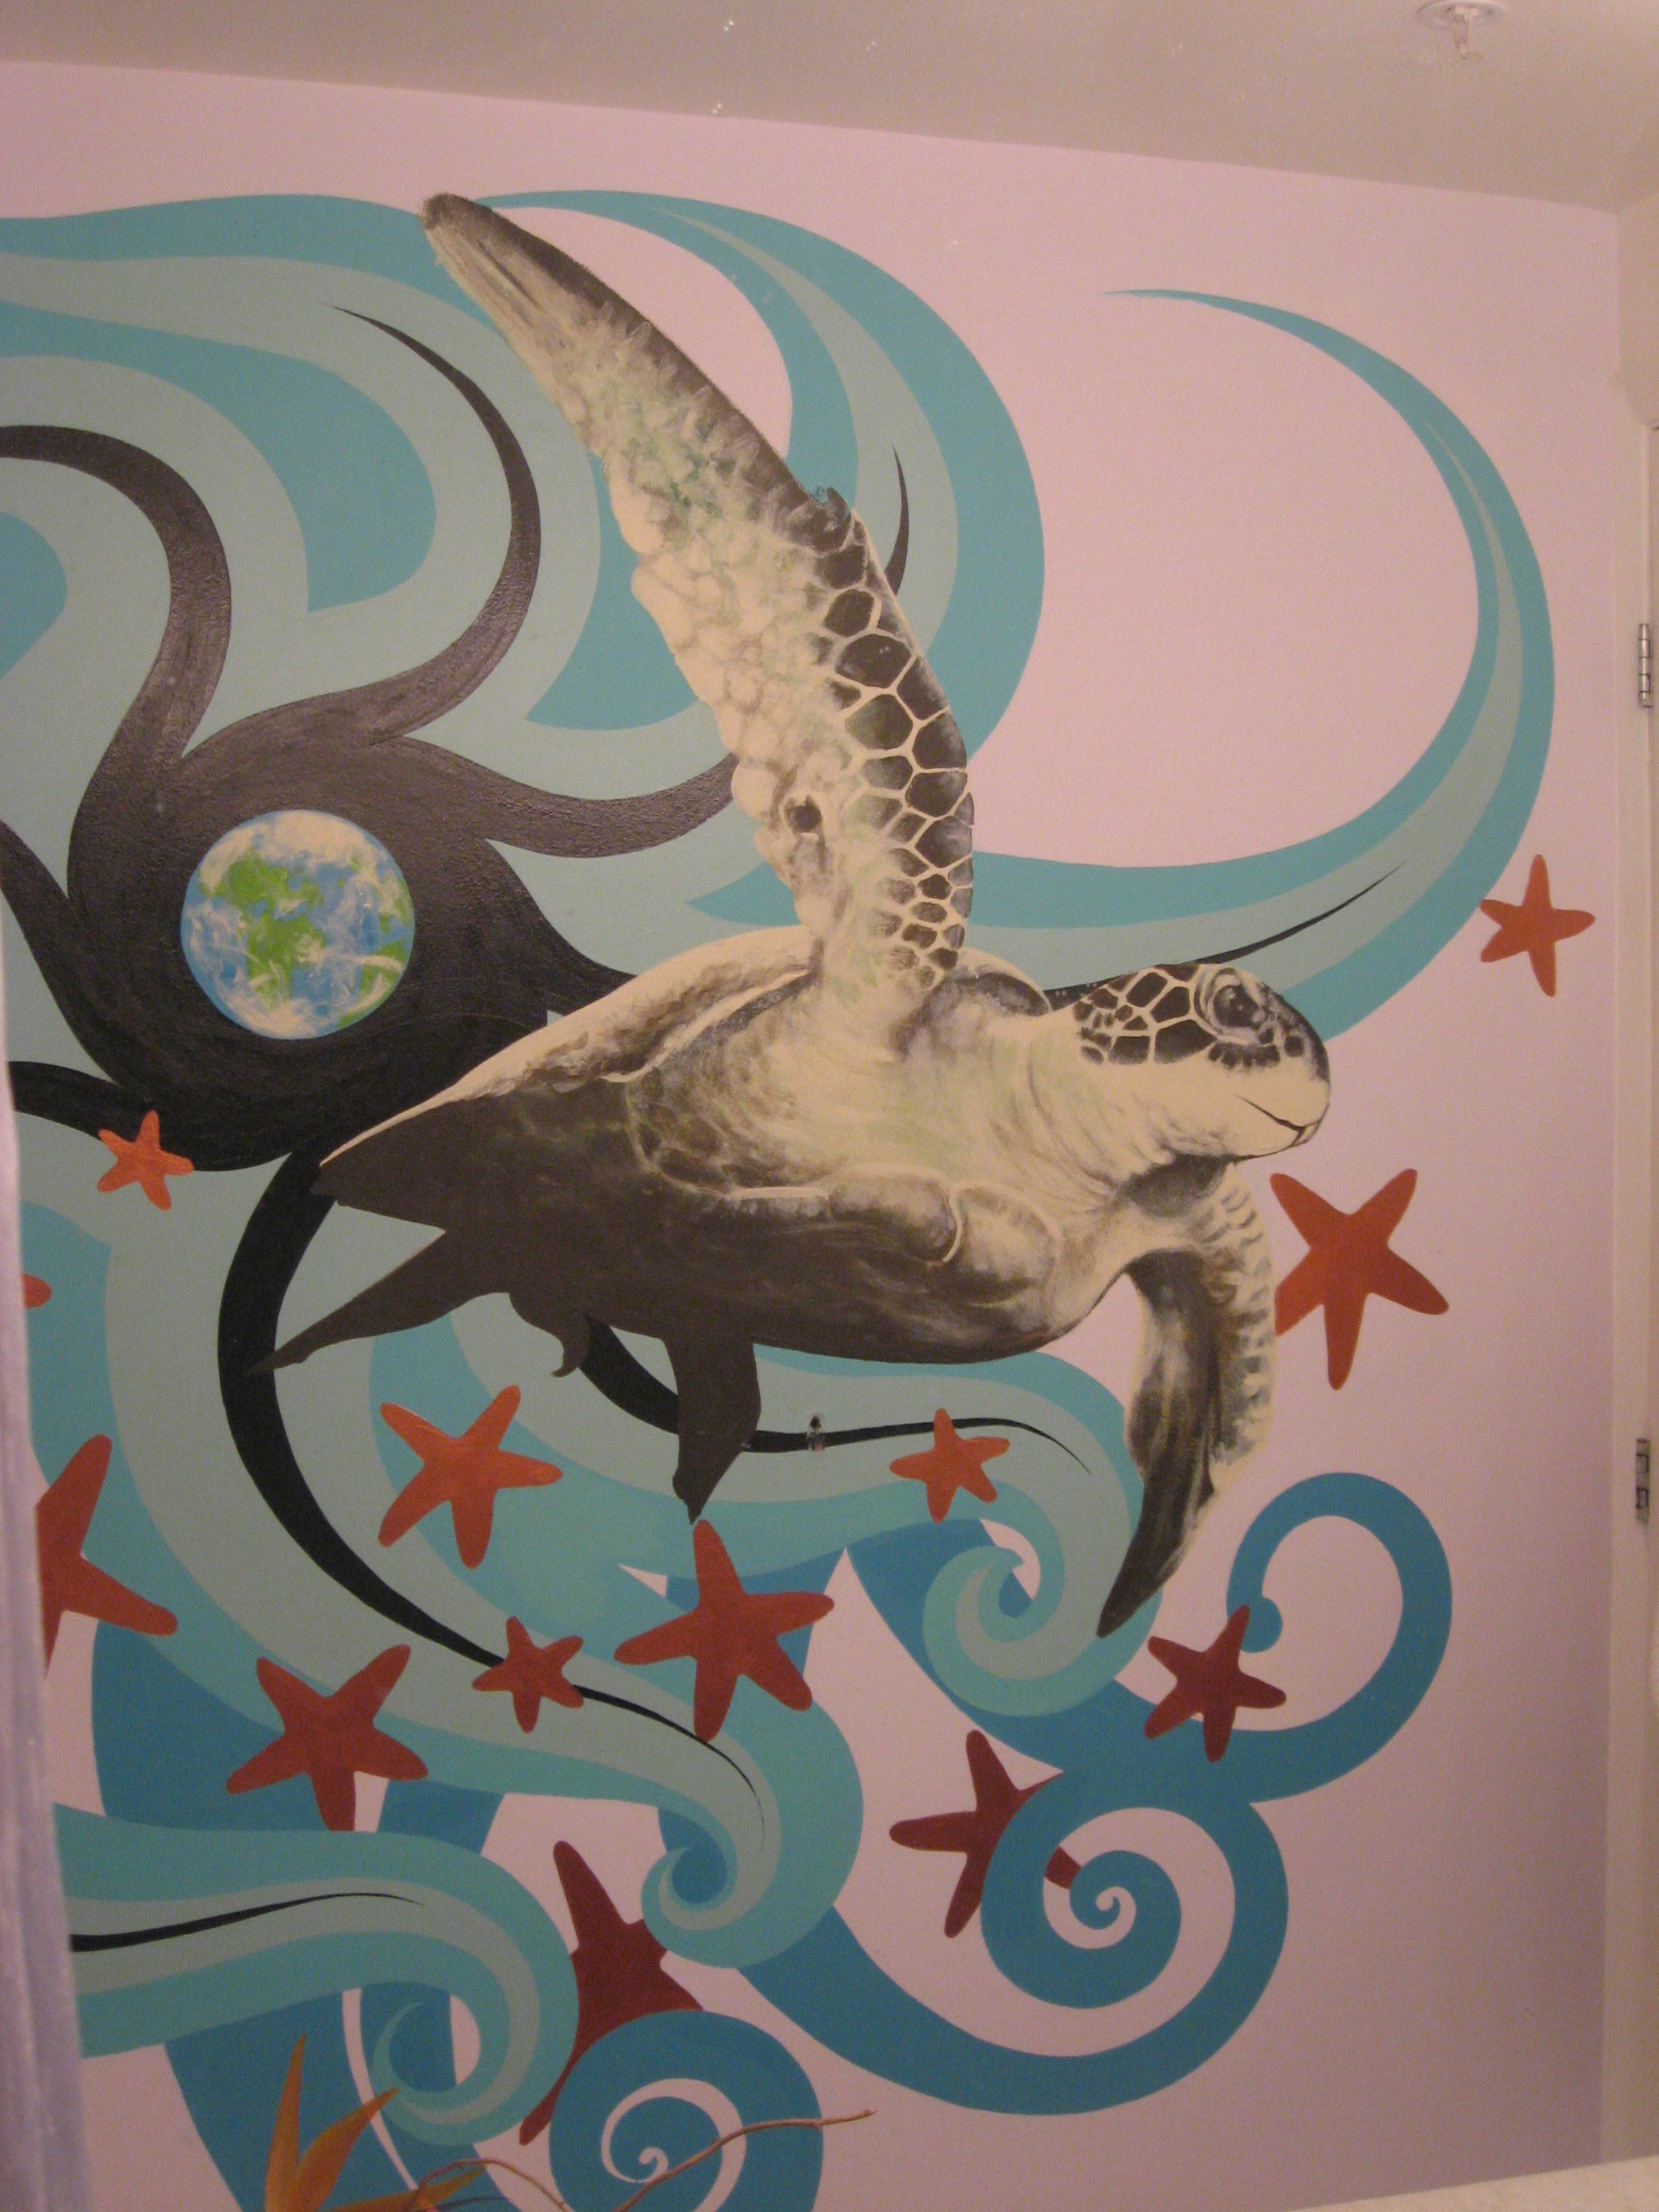 Space Turtle Bathroom Mural